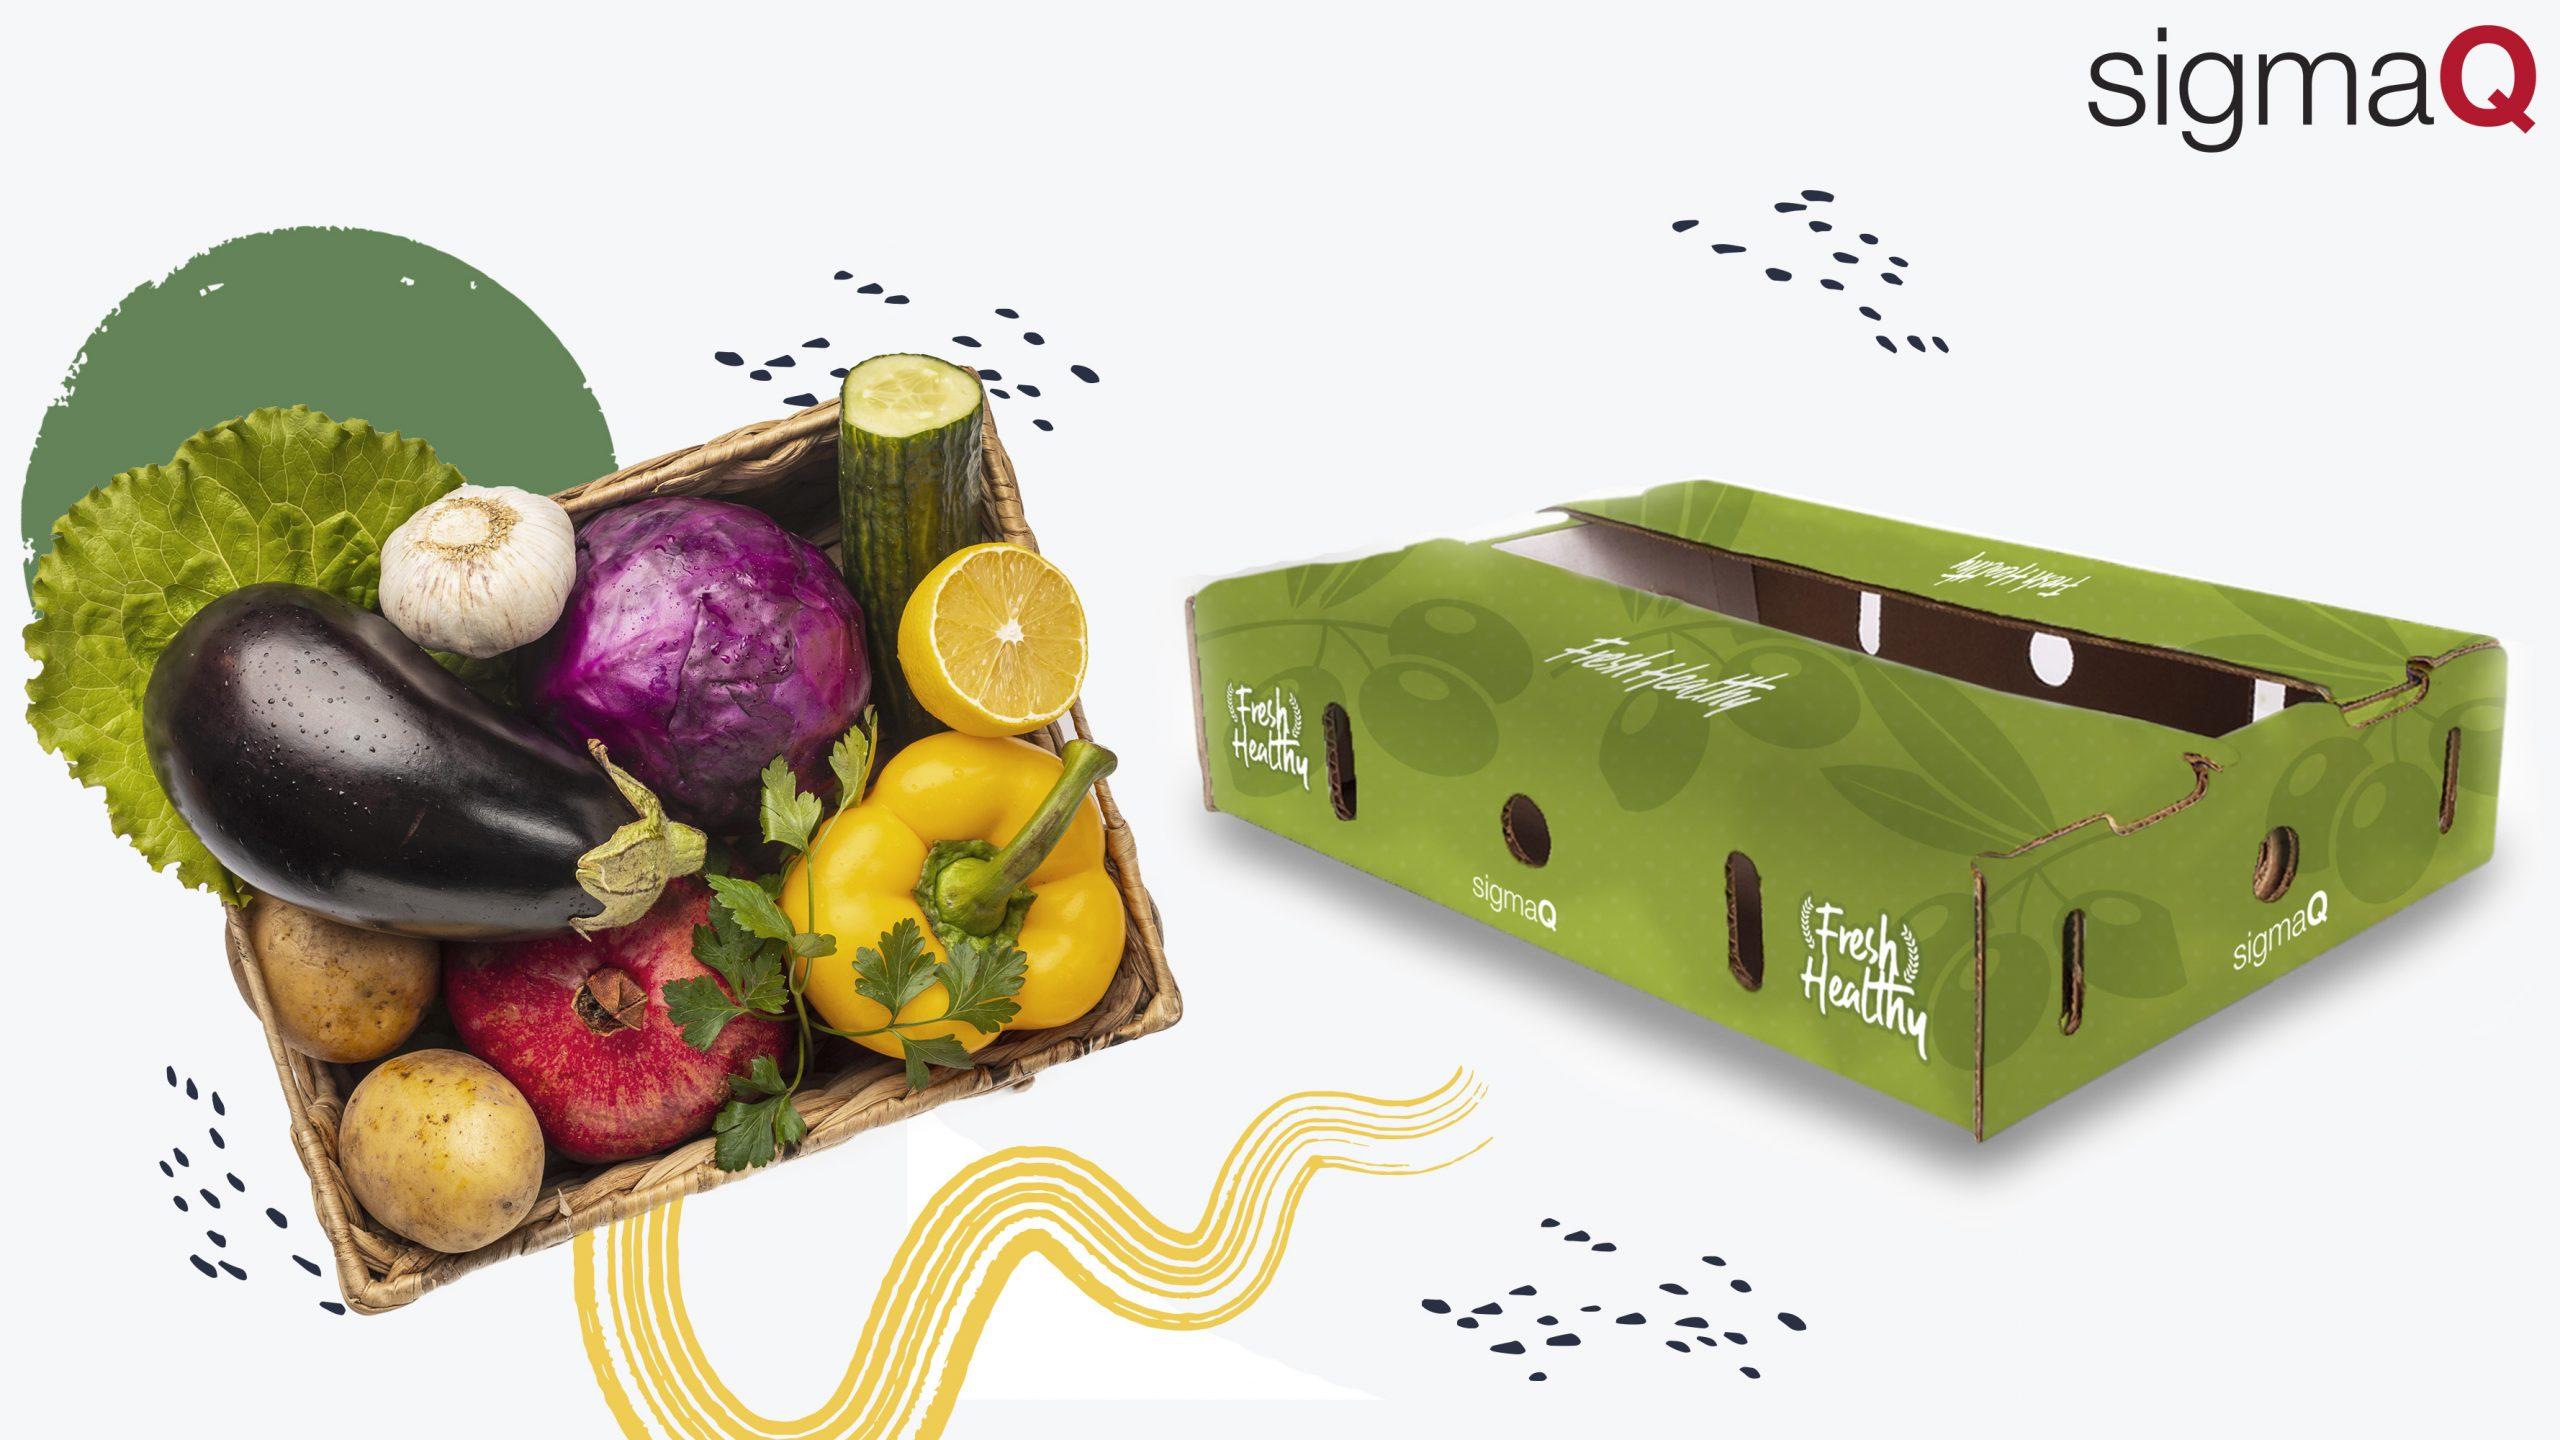 Bandejas y cajas agrícolas: importancia del interior y el exterior